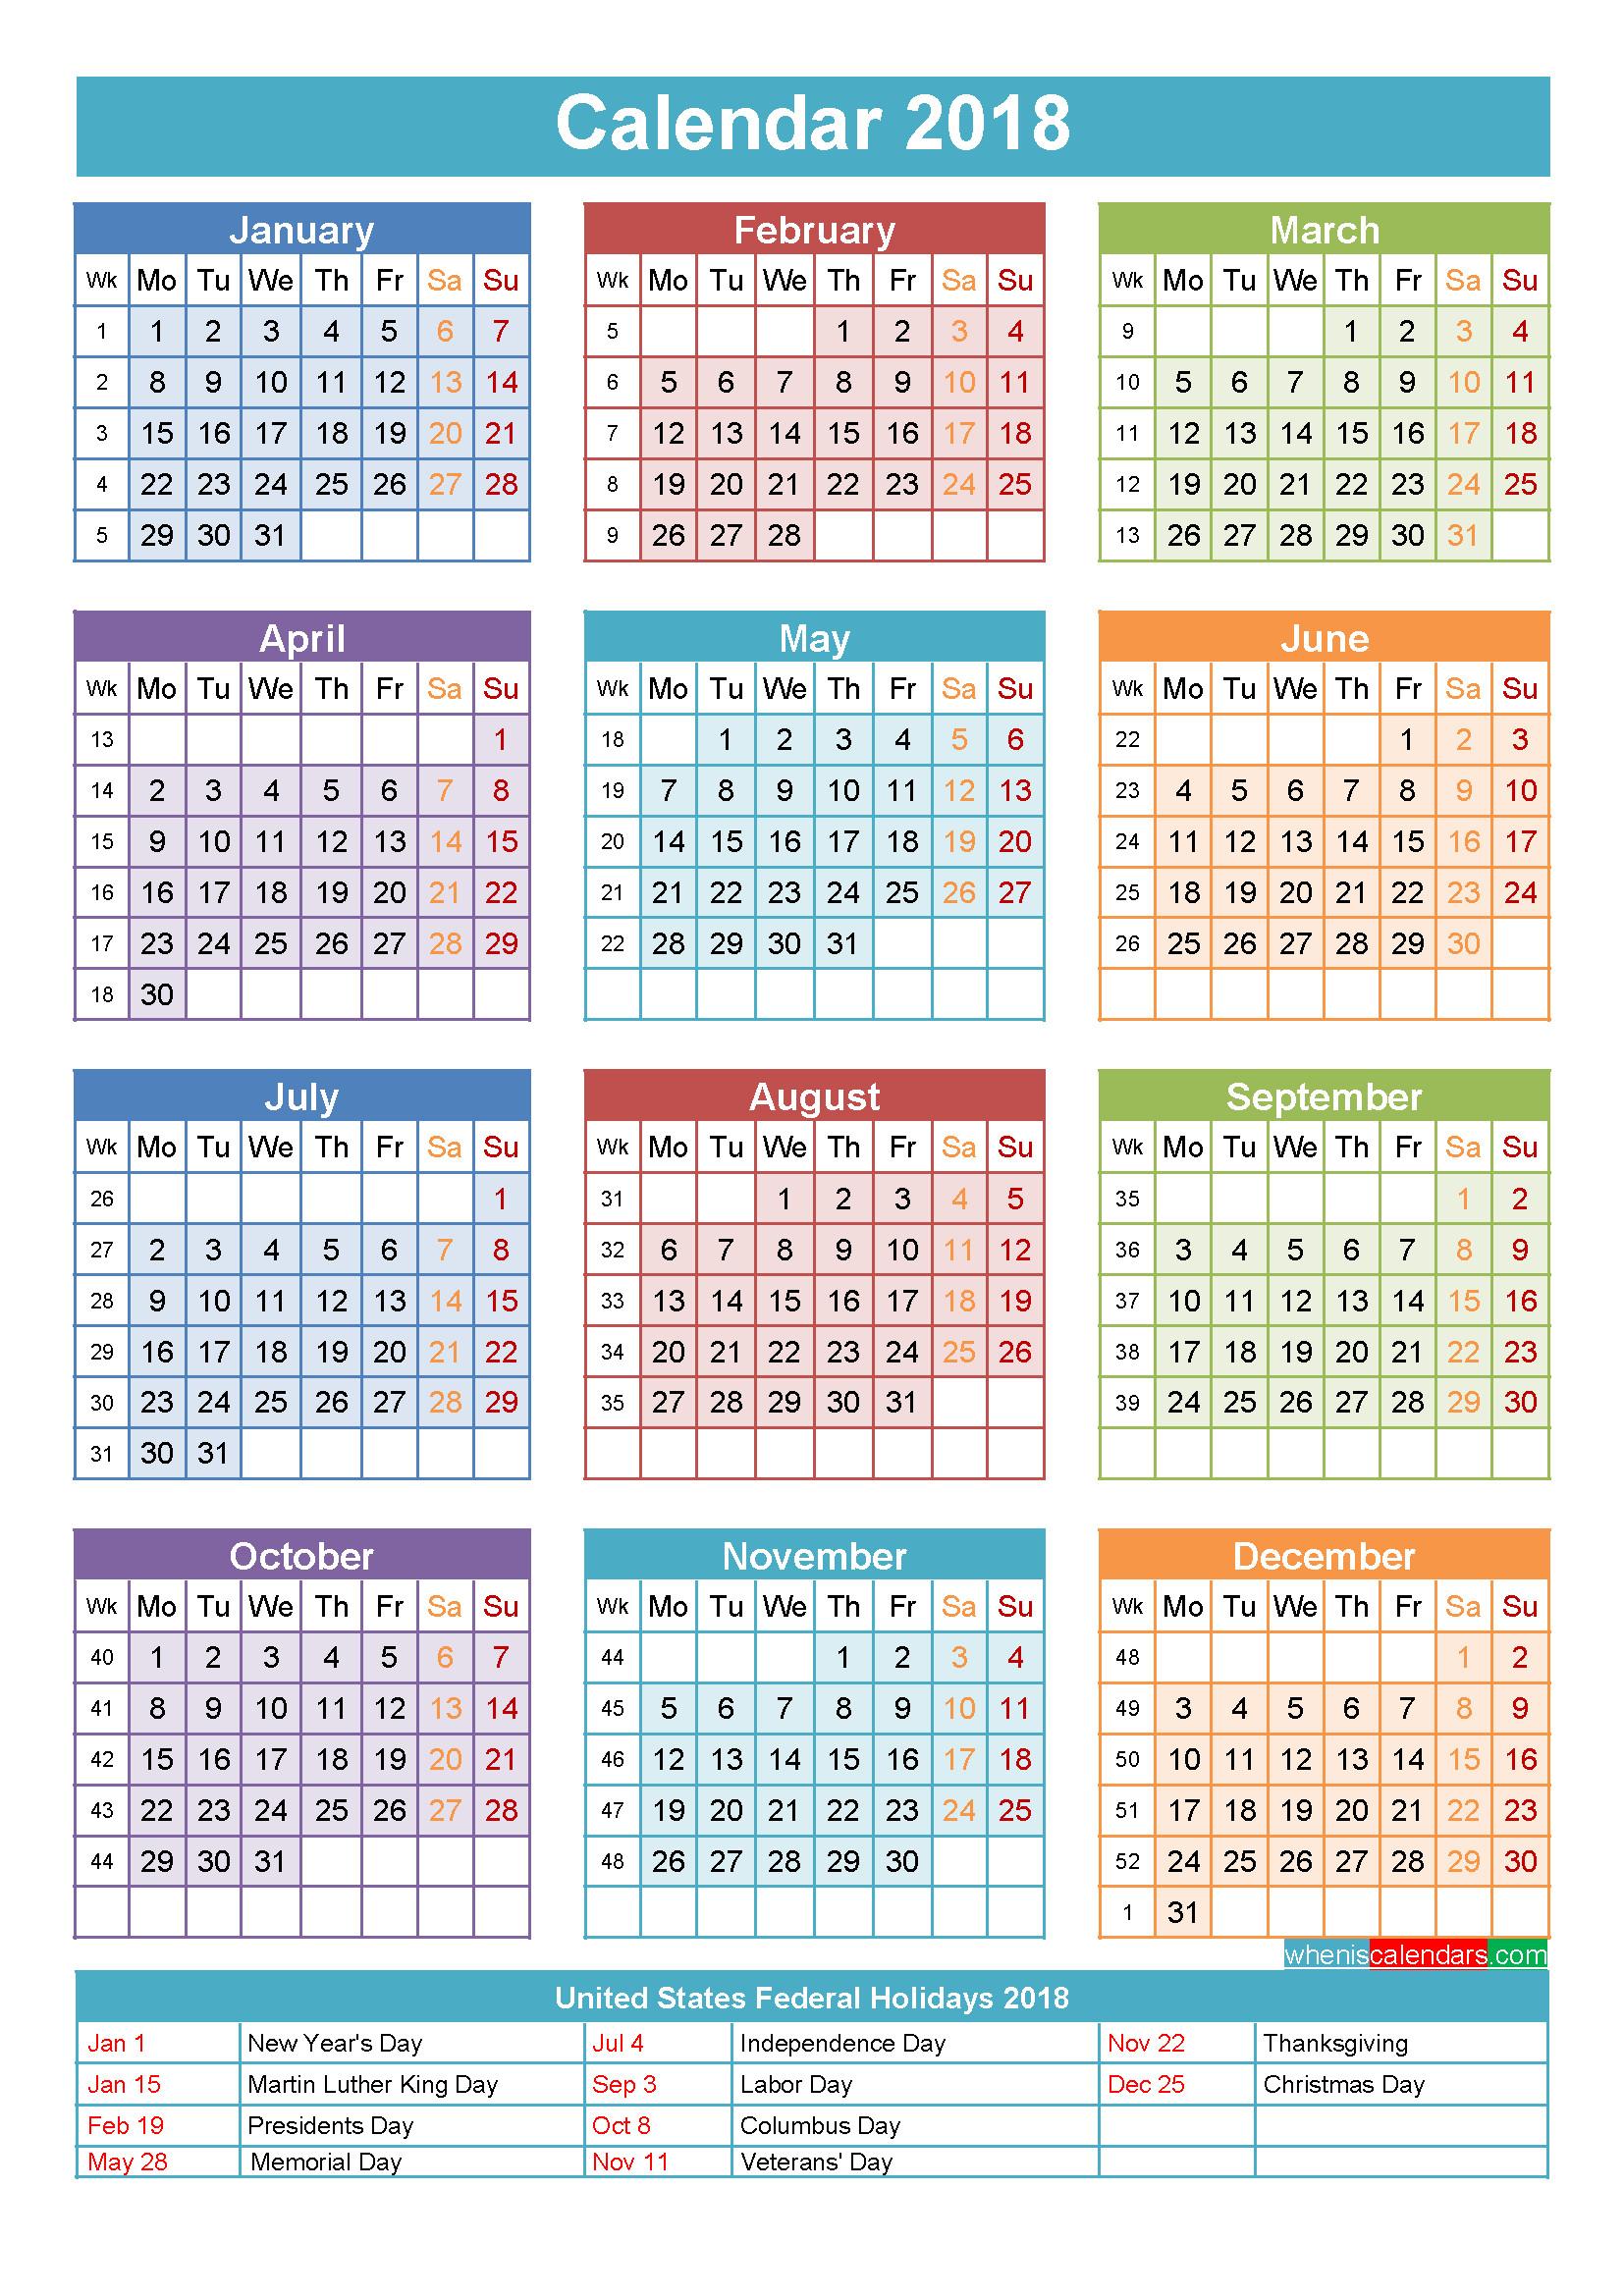 Full Screen Desktop Fall Leaves Wallpaper February 2018 Wallpaper Calendar 63 Images